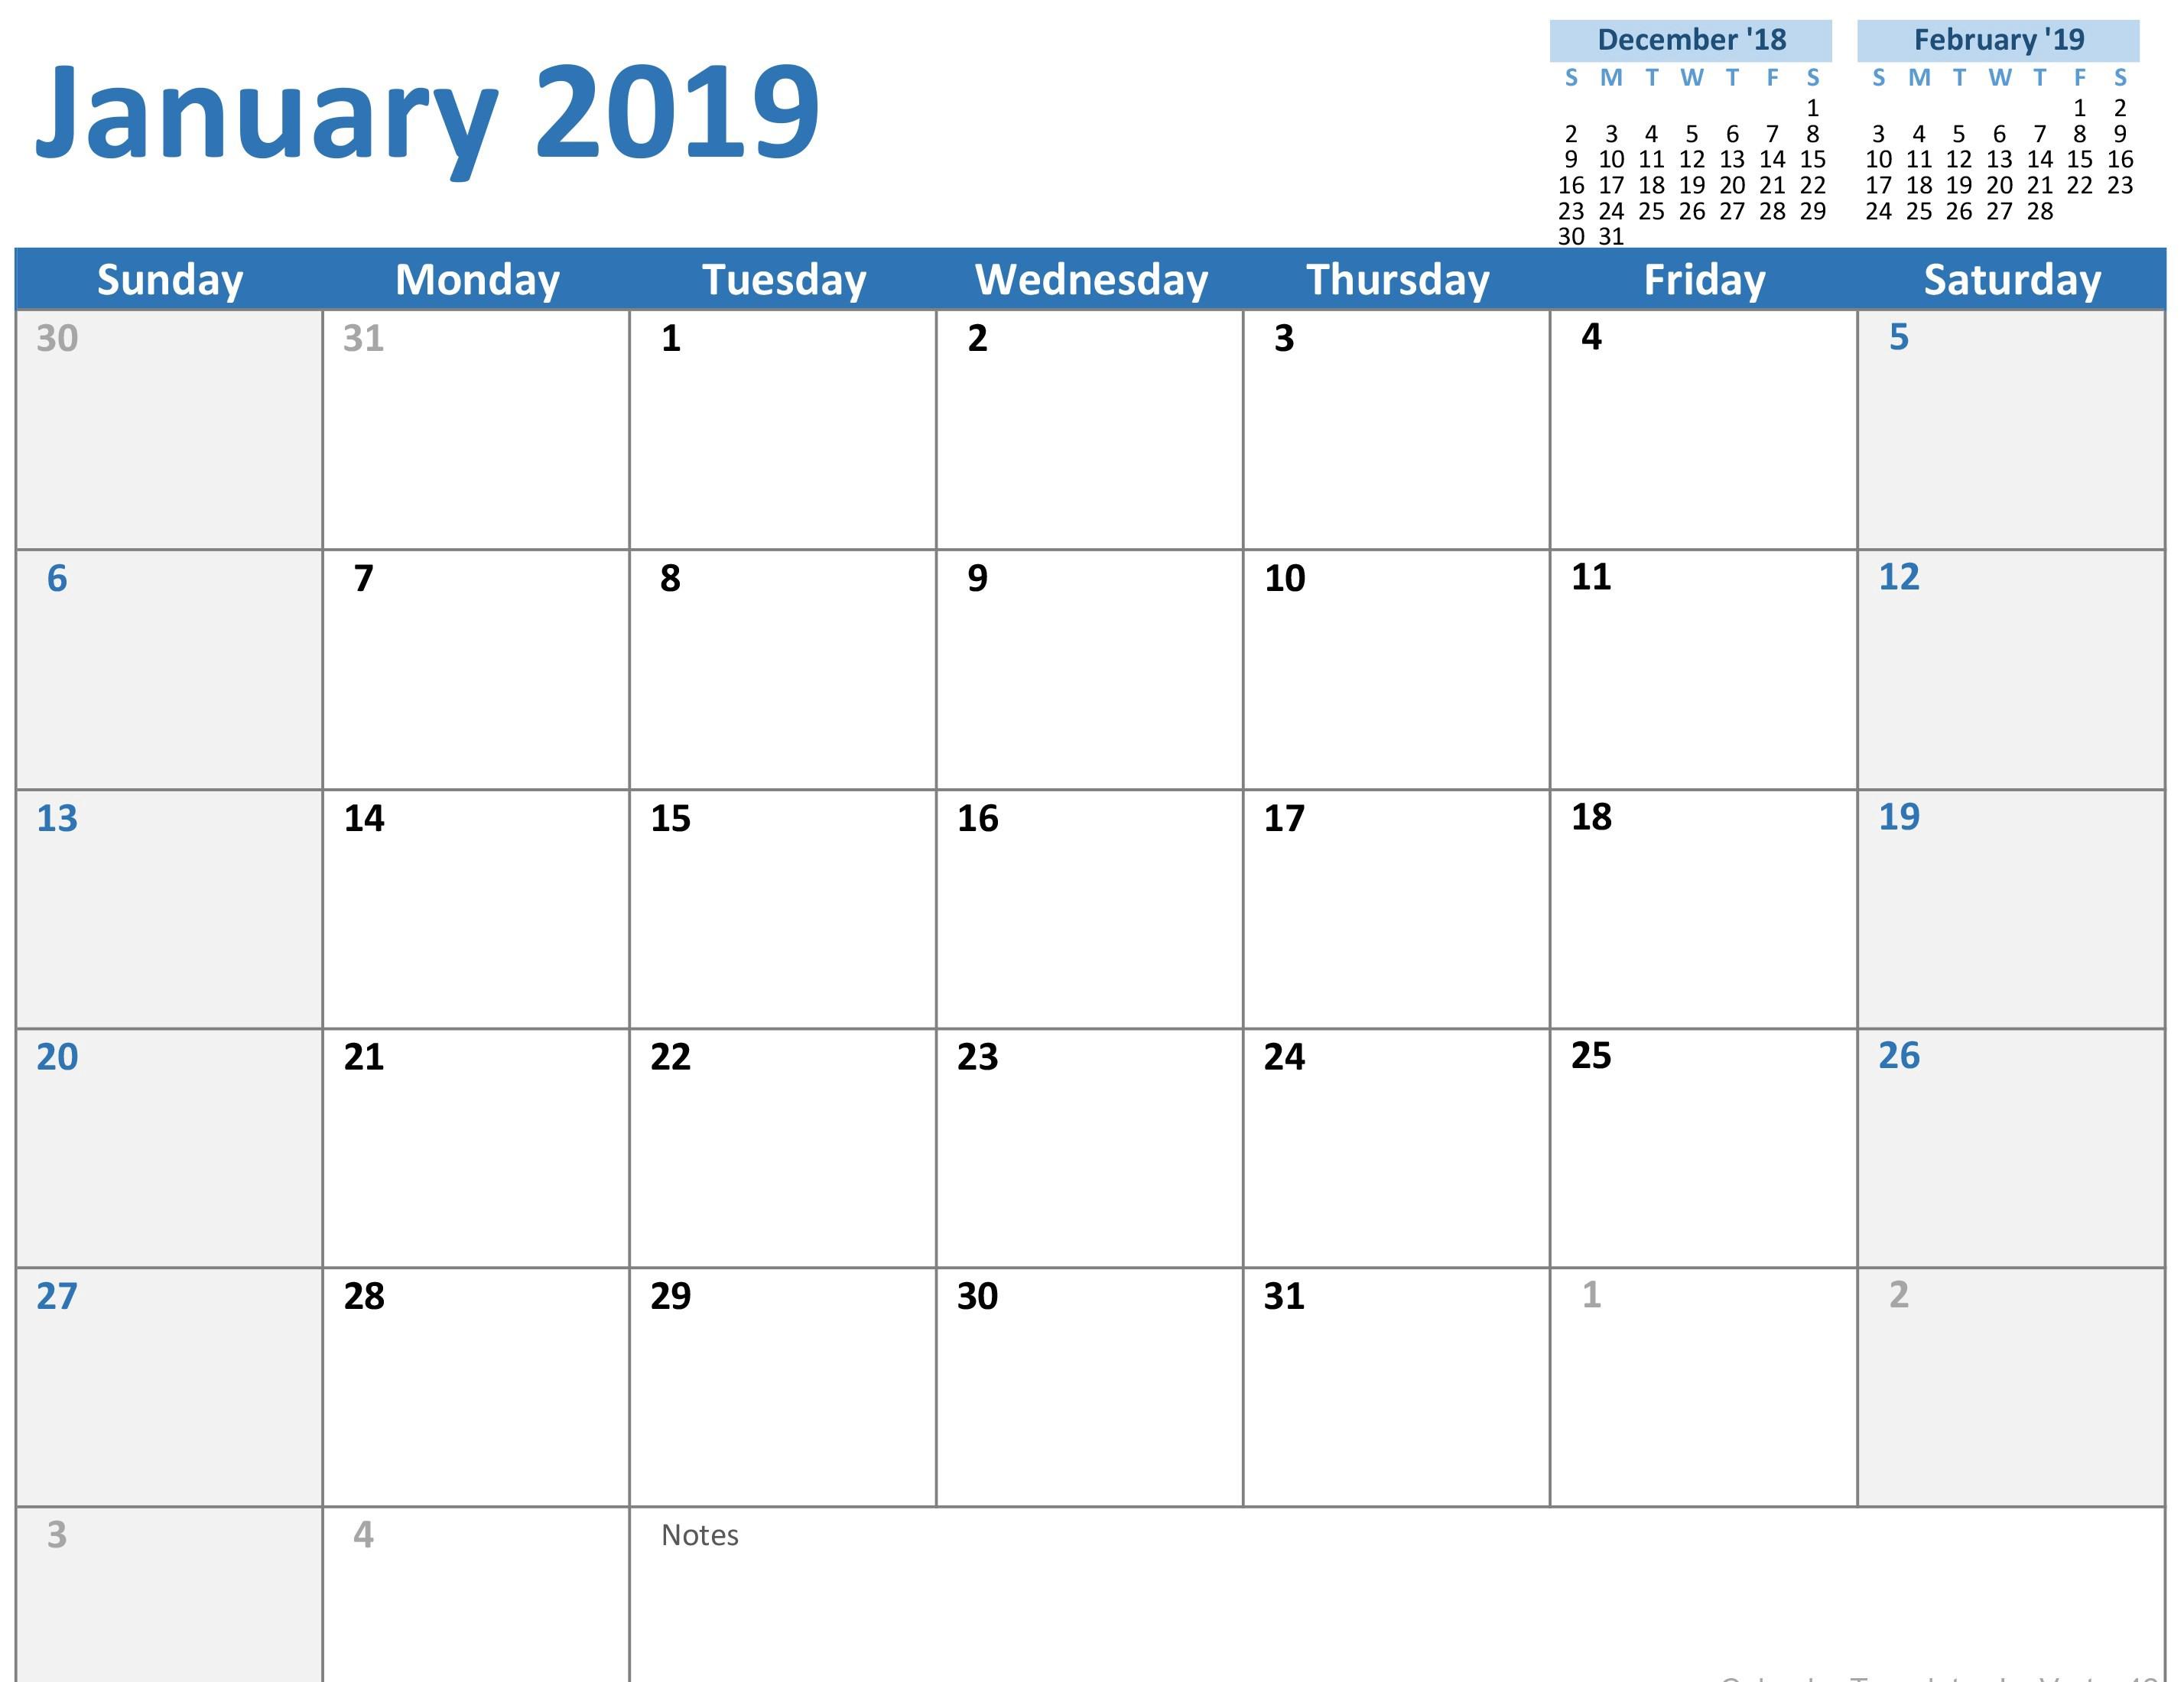 Custom Calendar For Schools – Marry Steven – Medium Calendar I Can Download And Edit